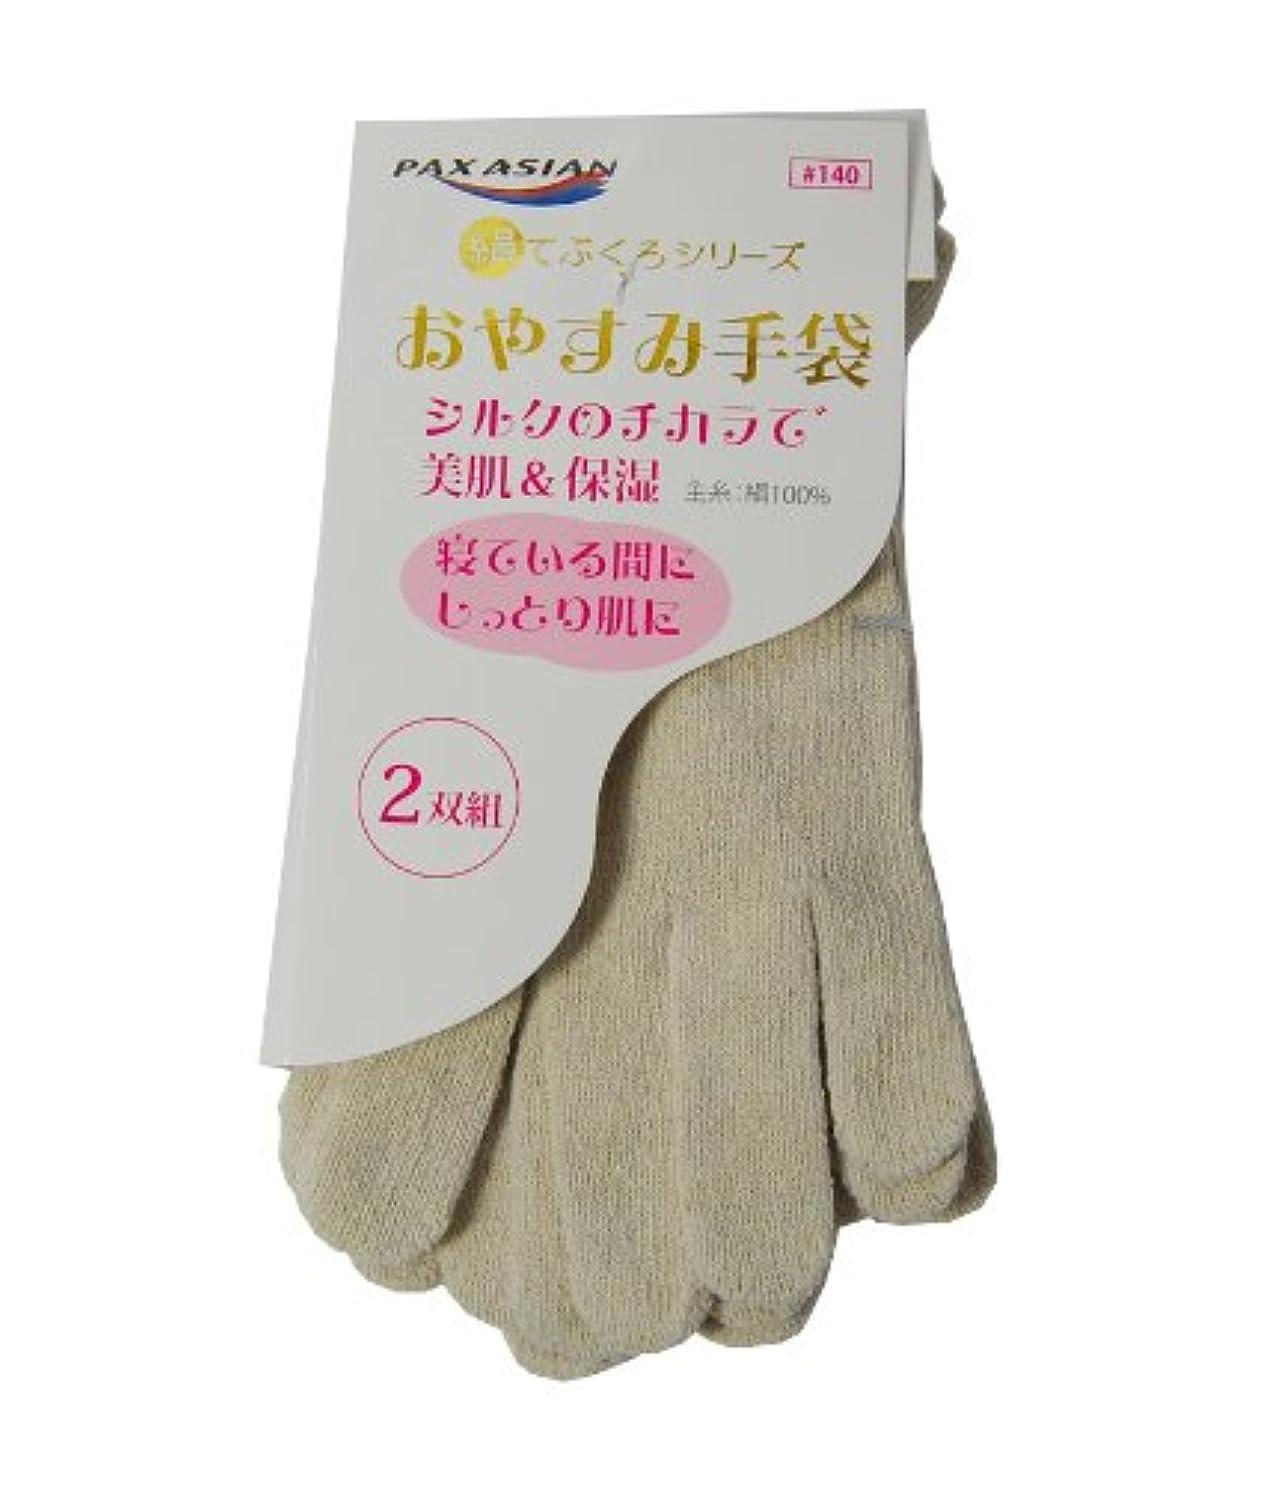 禁じる終了しました崩壊PAX-ASIAN おやすみ シルク手袋 フレアータイプ 絹 100% ソフト 婦人用 2双組 #140